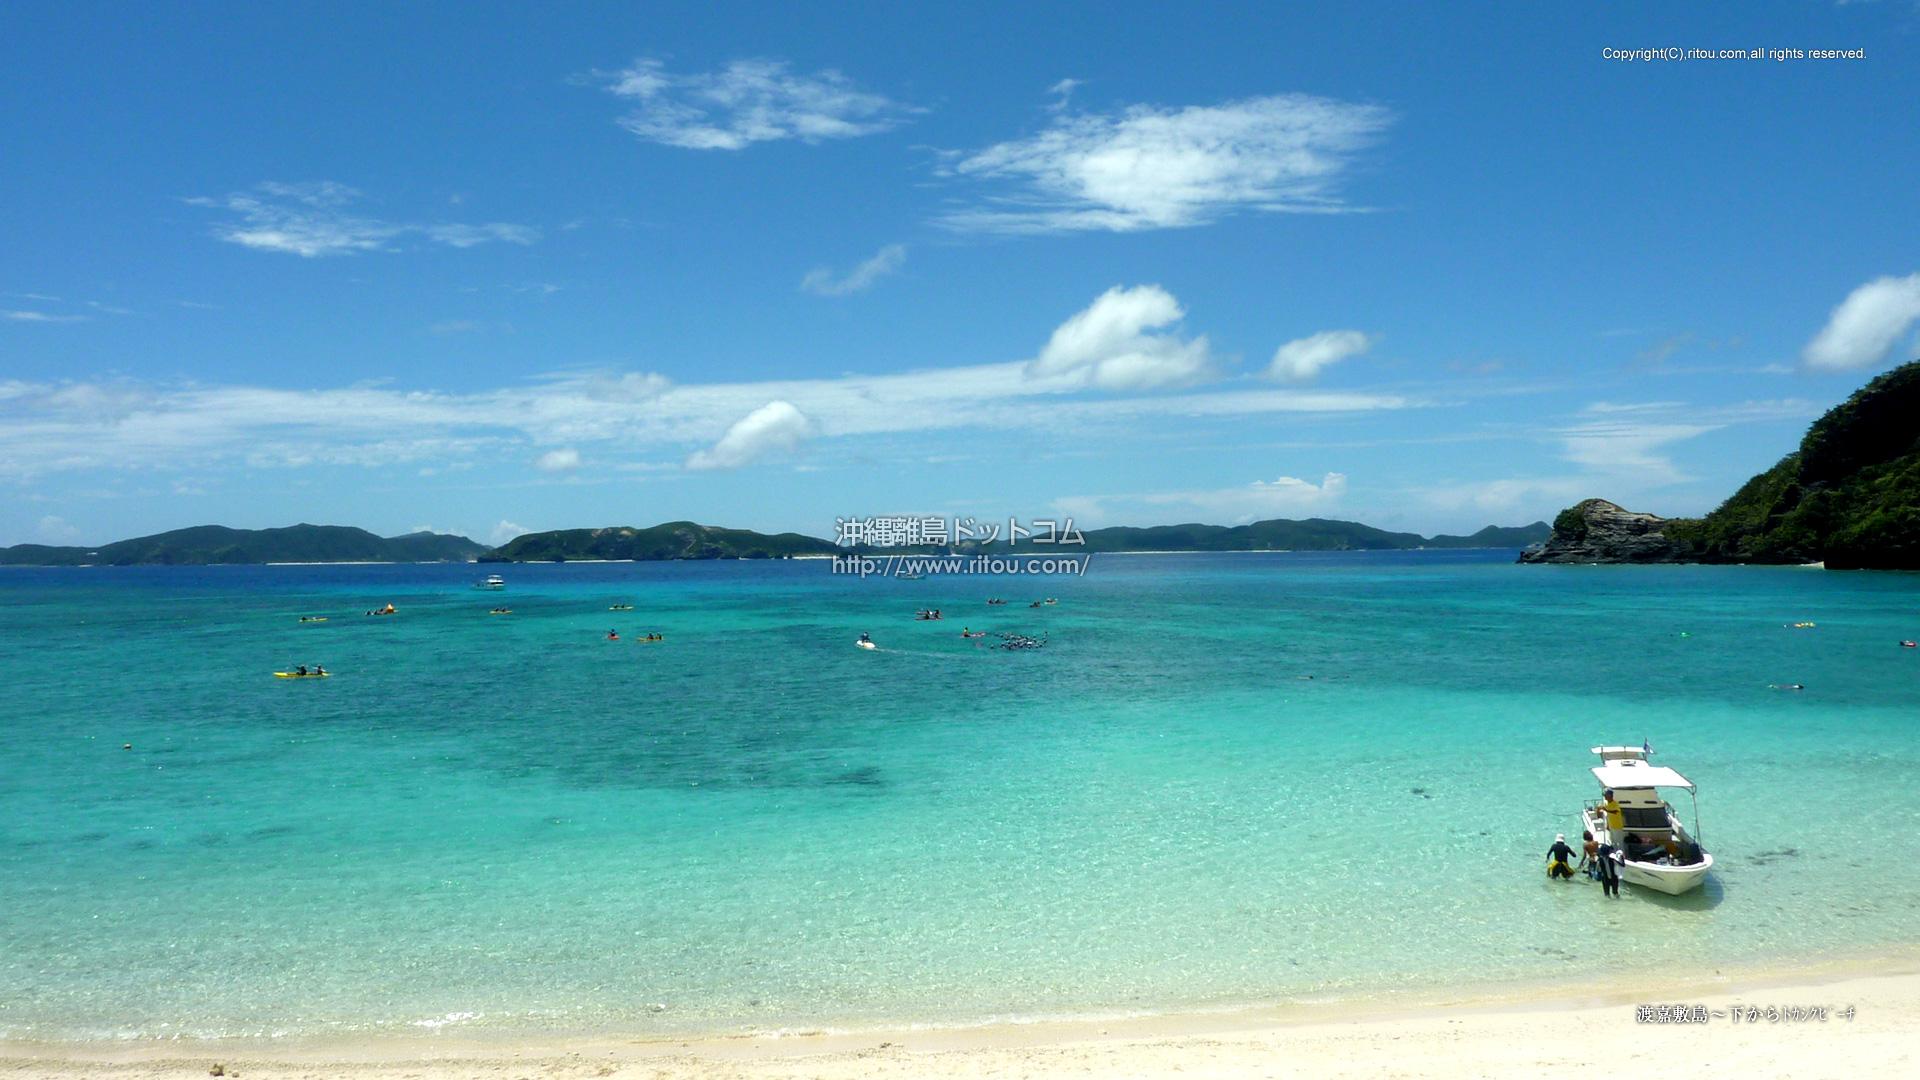 渡嘉敷島〜下からトカシクビーチ